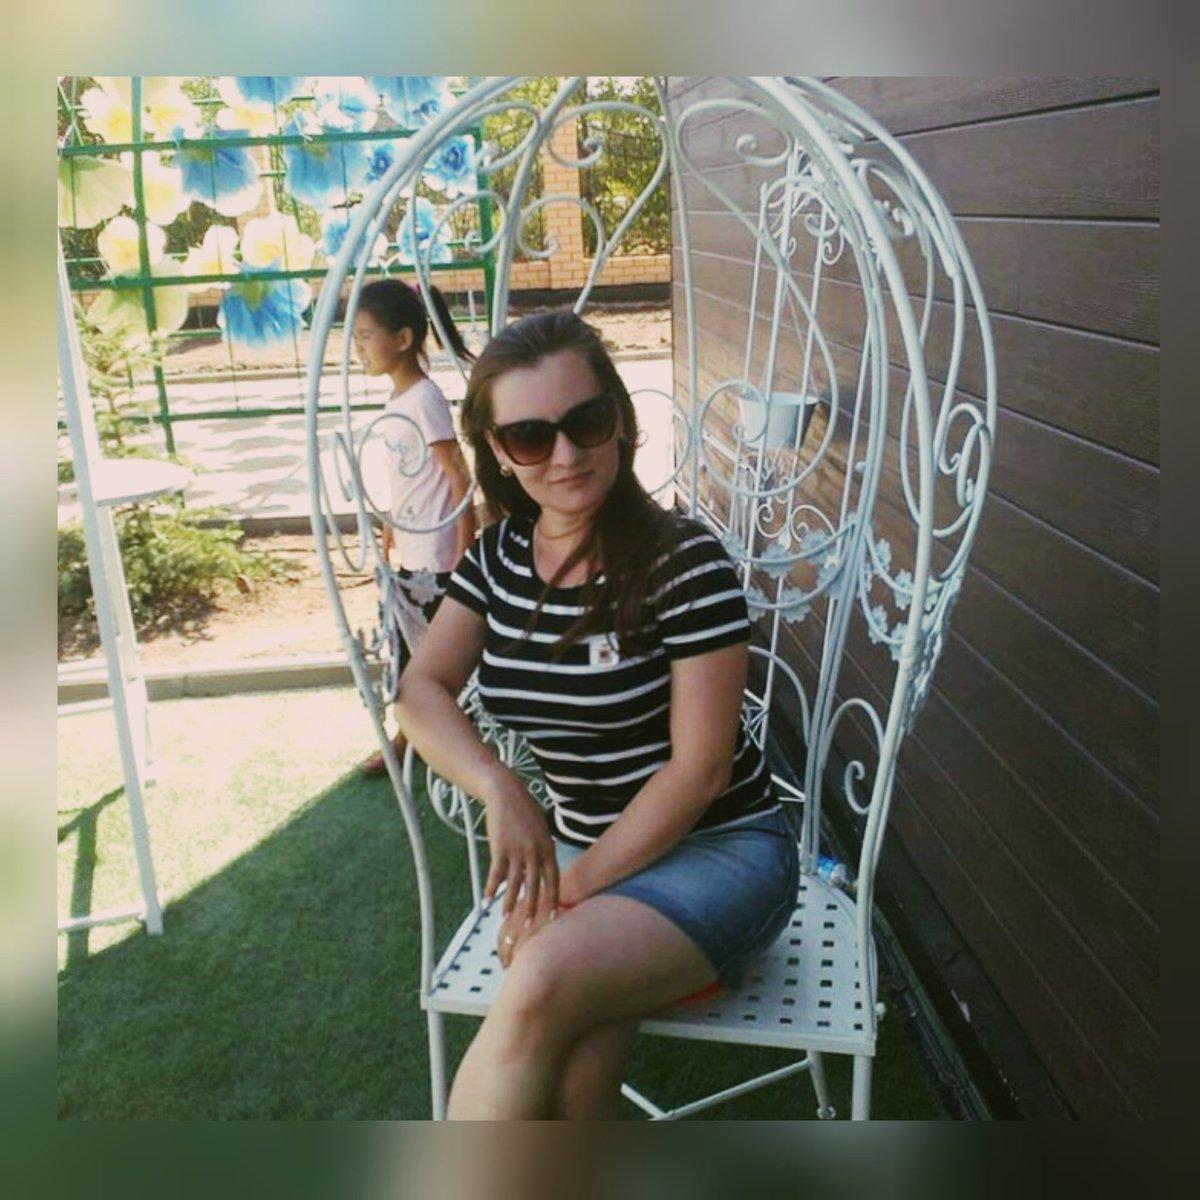 Юлия нижечик в фотострана